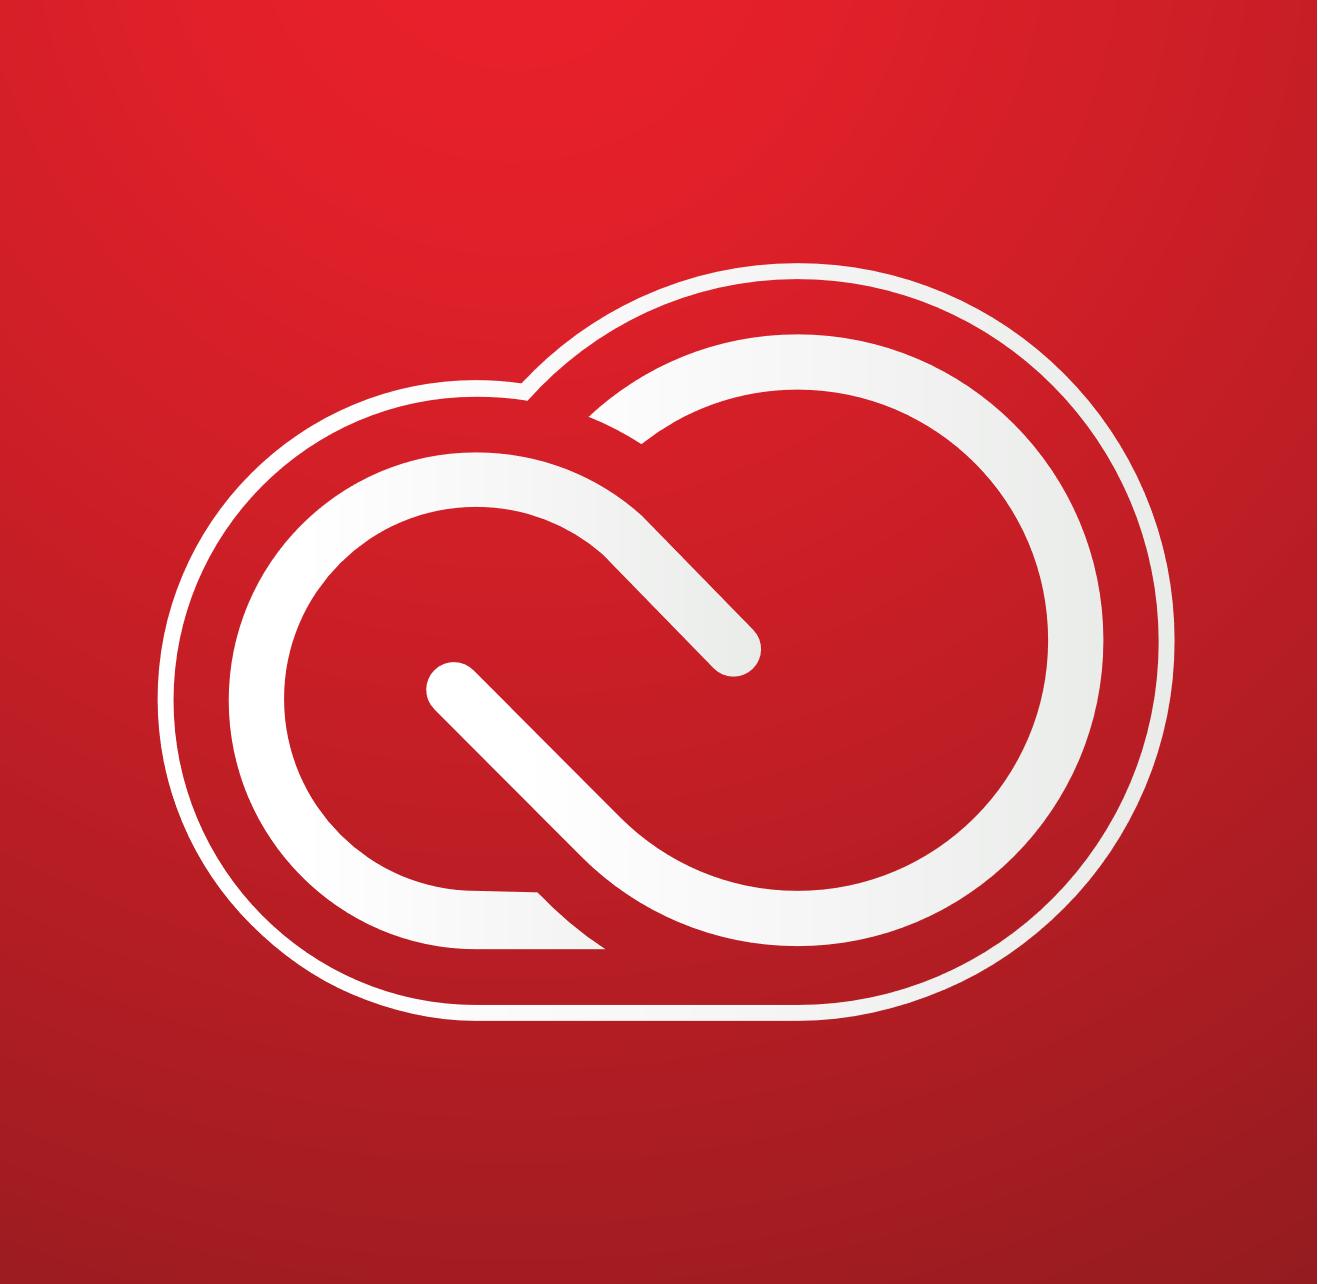 Adobe Creative Cloud Classic - 55.77 Euro voor jaar abonnement (Photoshop CC | Lightroom CC)